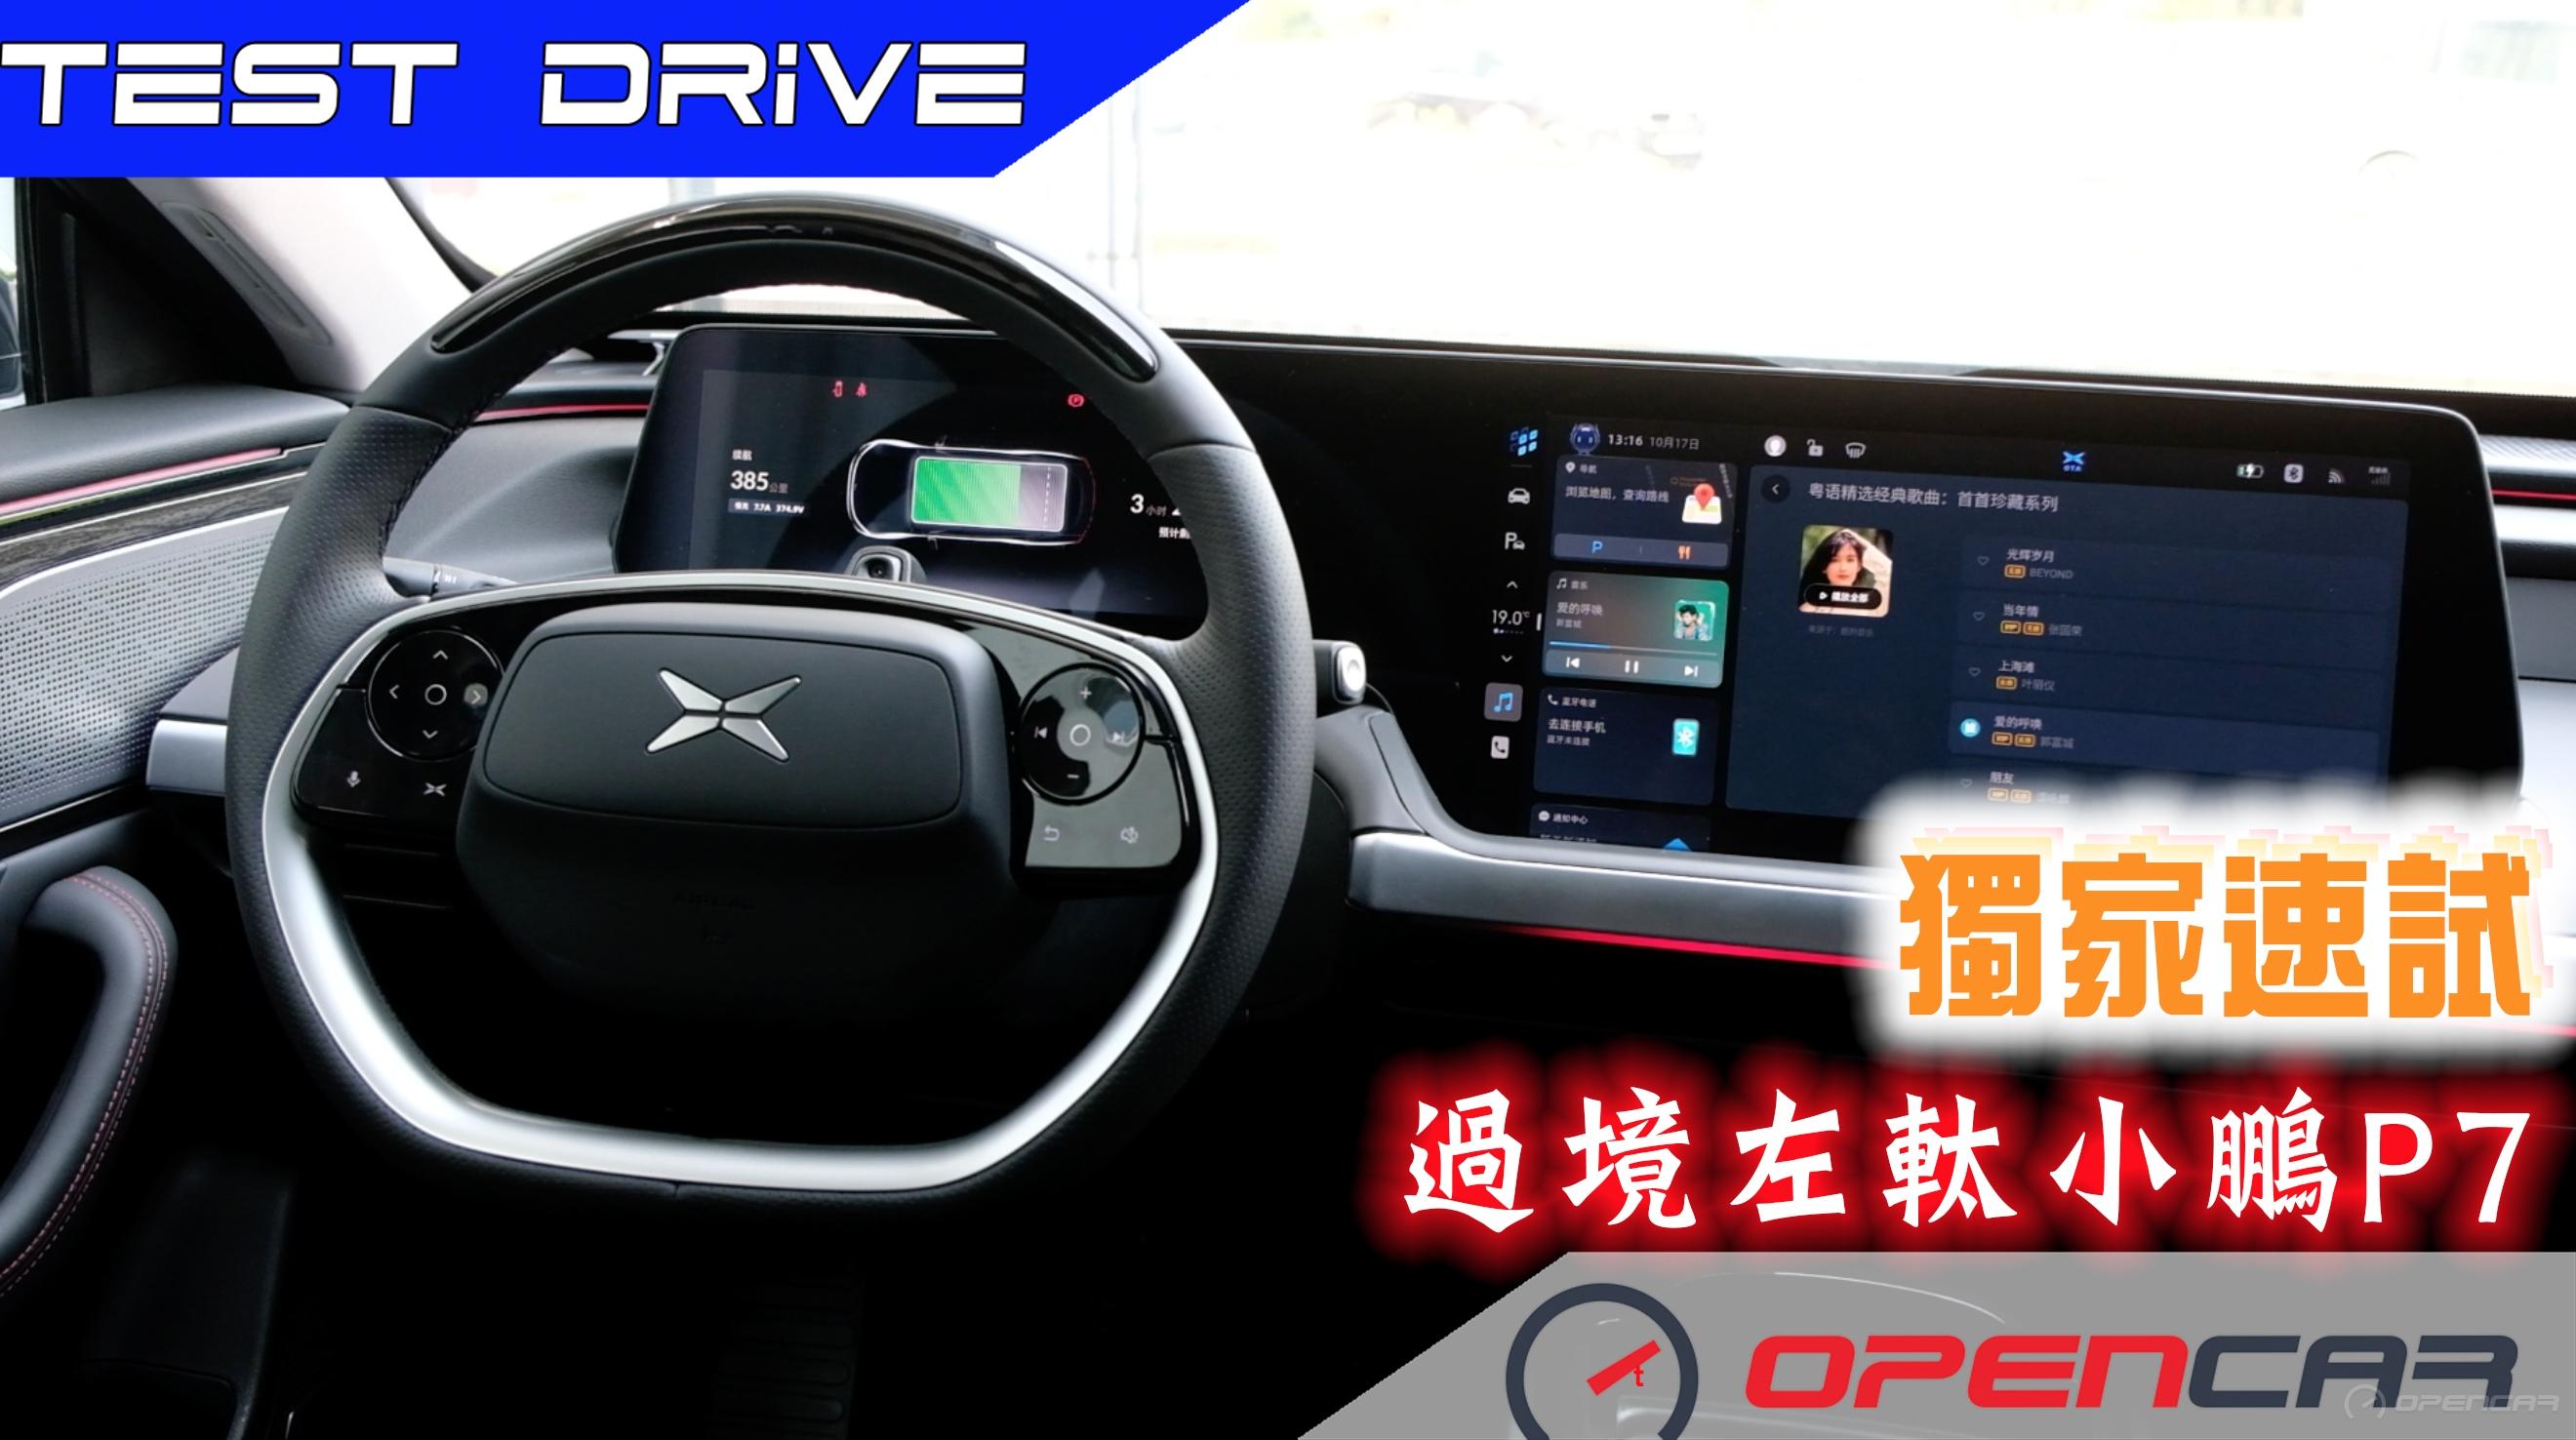 【新車測試】香港首試左軚小鵬P7